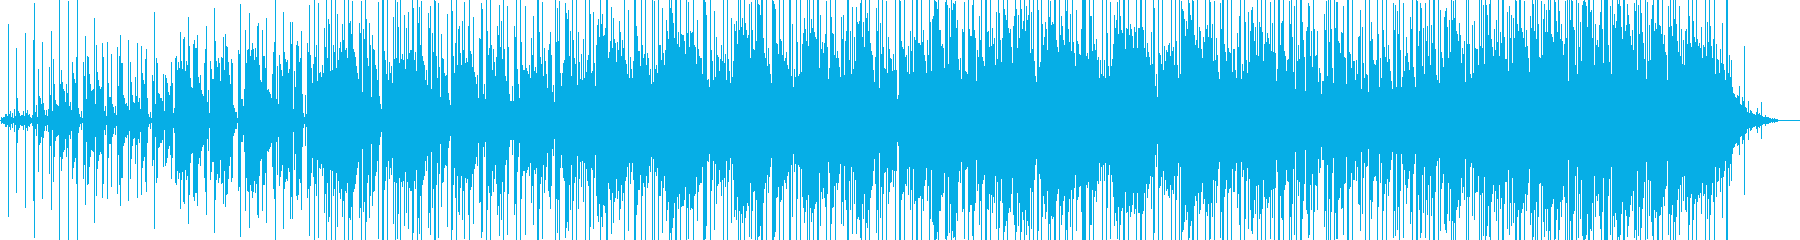 アナログシンセリードとストリングス...の再生済みの波形